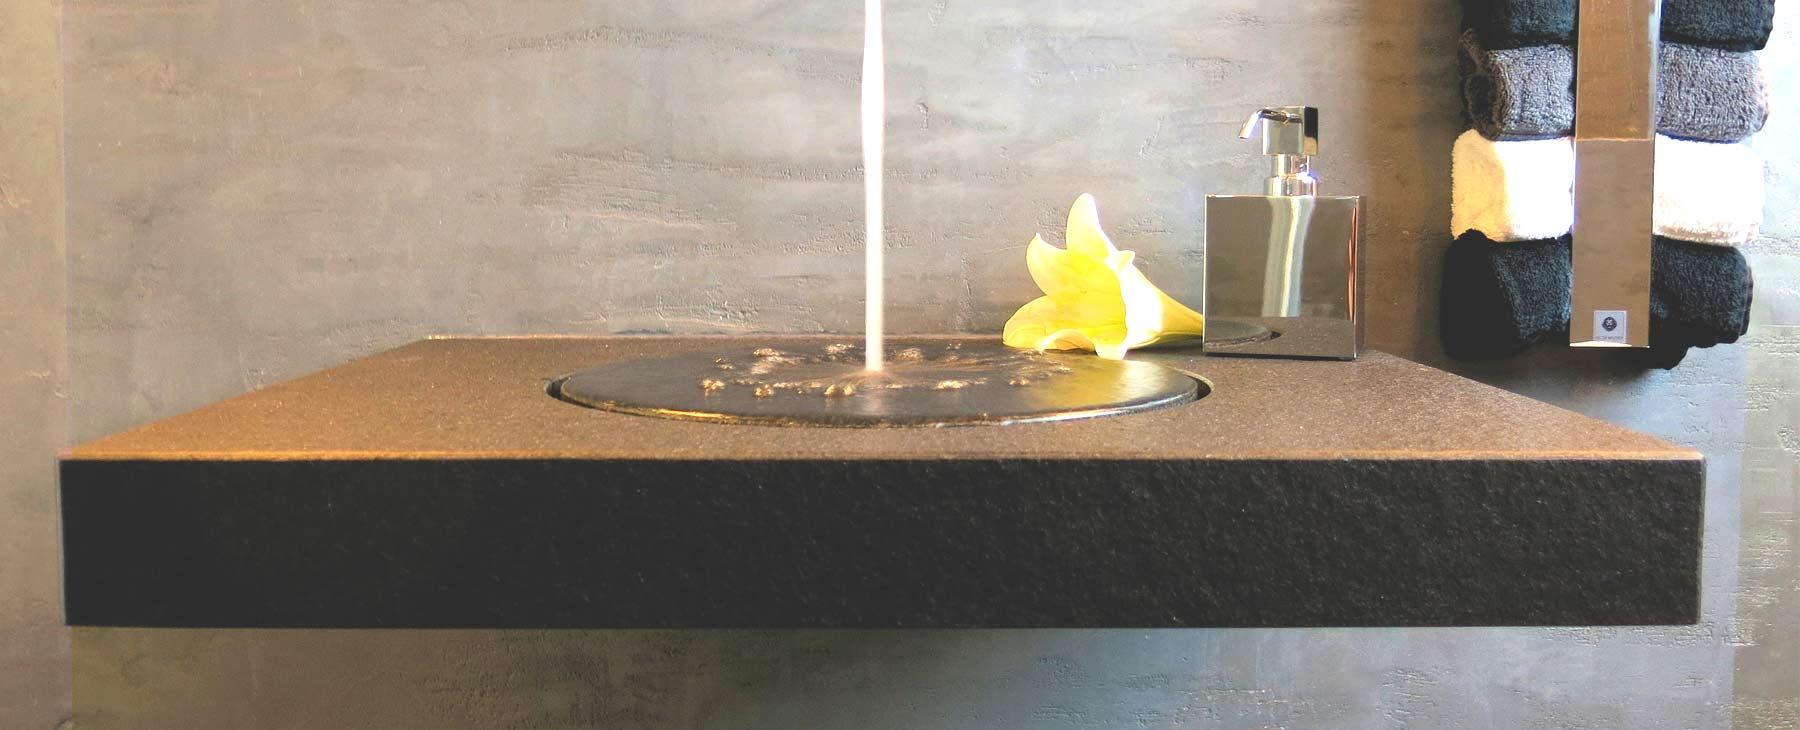 Wc Ideen gäste wc ideen design waschtische baqua